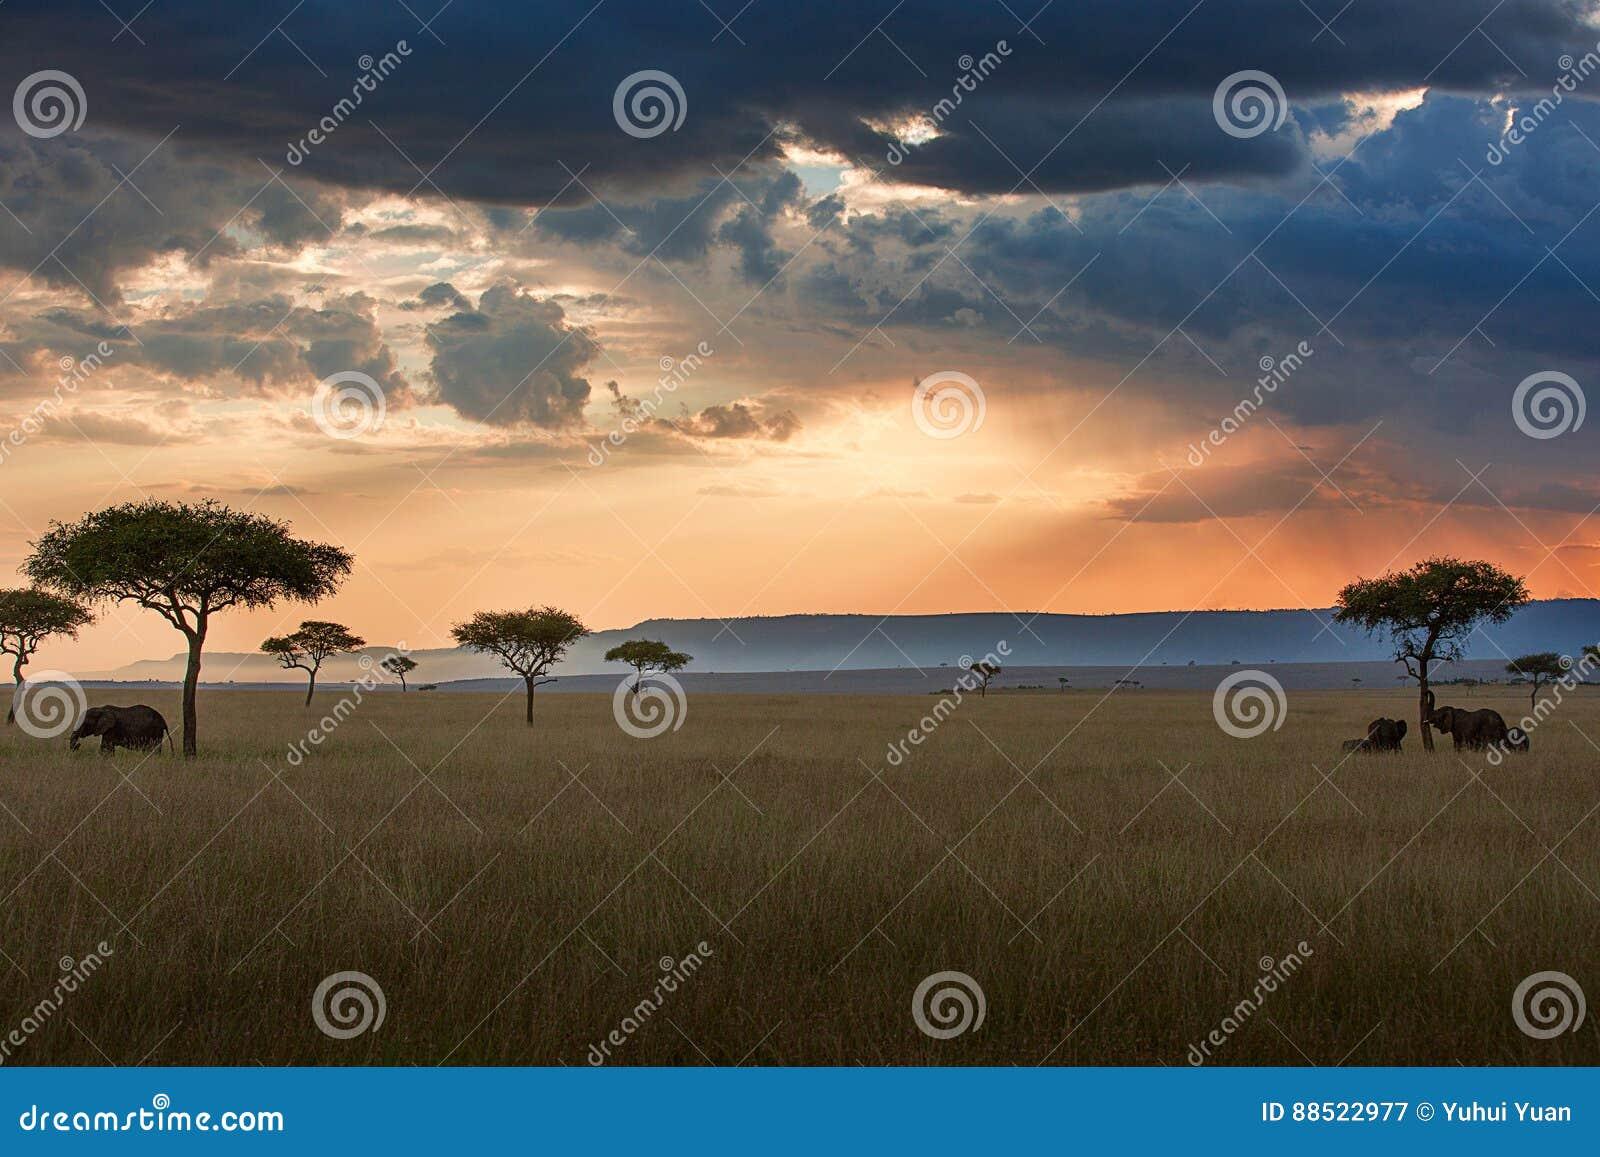 马赛马拉日落风景